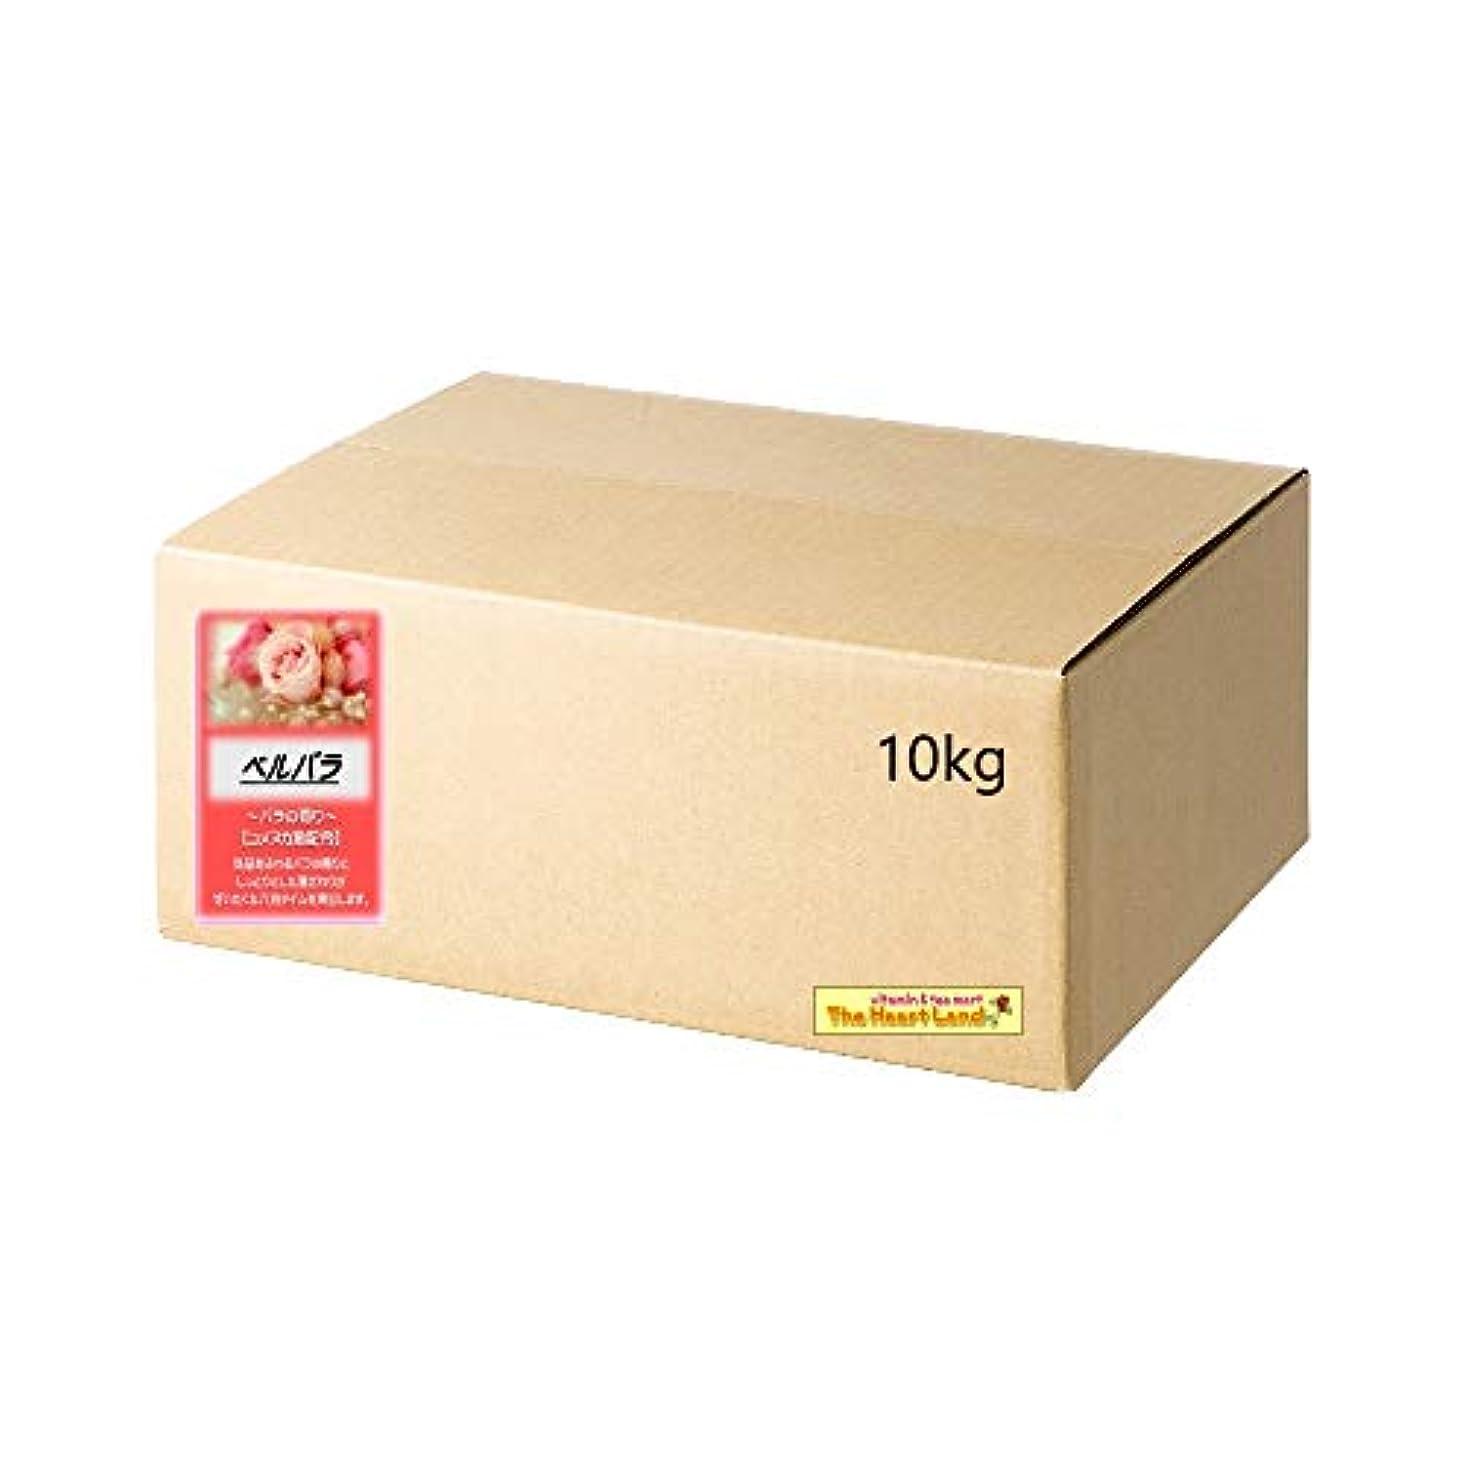 ジョブ適性必要としているアサヒ入浴剤 浴用入浴化粧品 ベルバラ 10kg